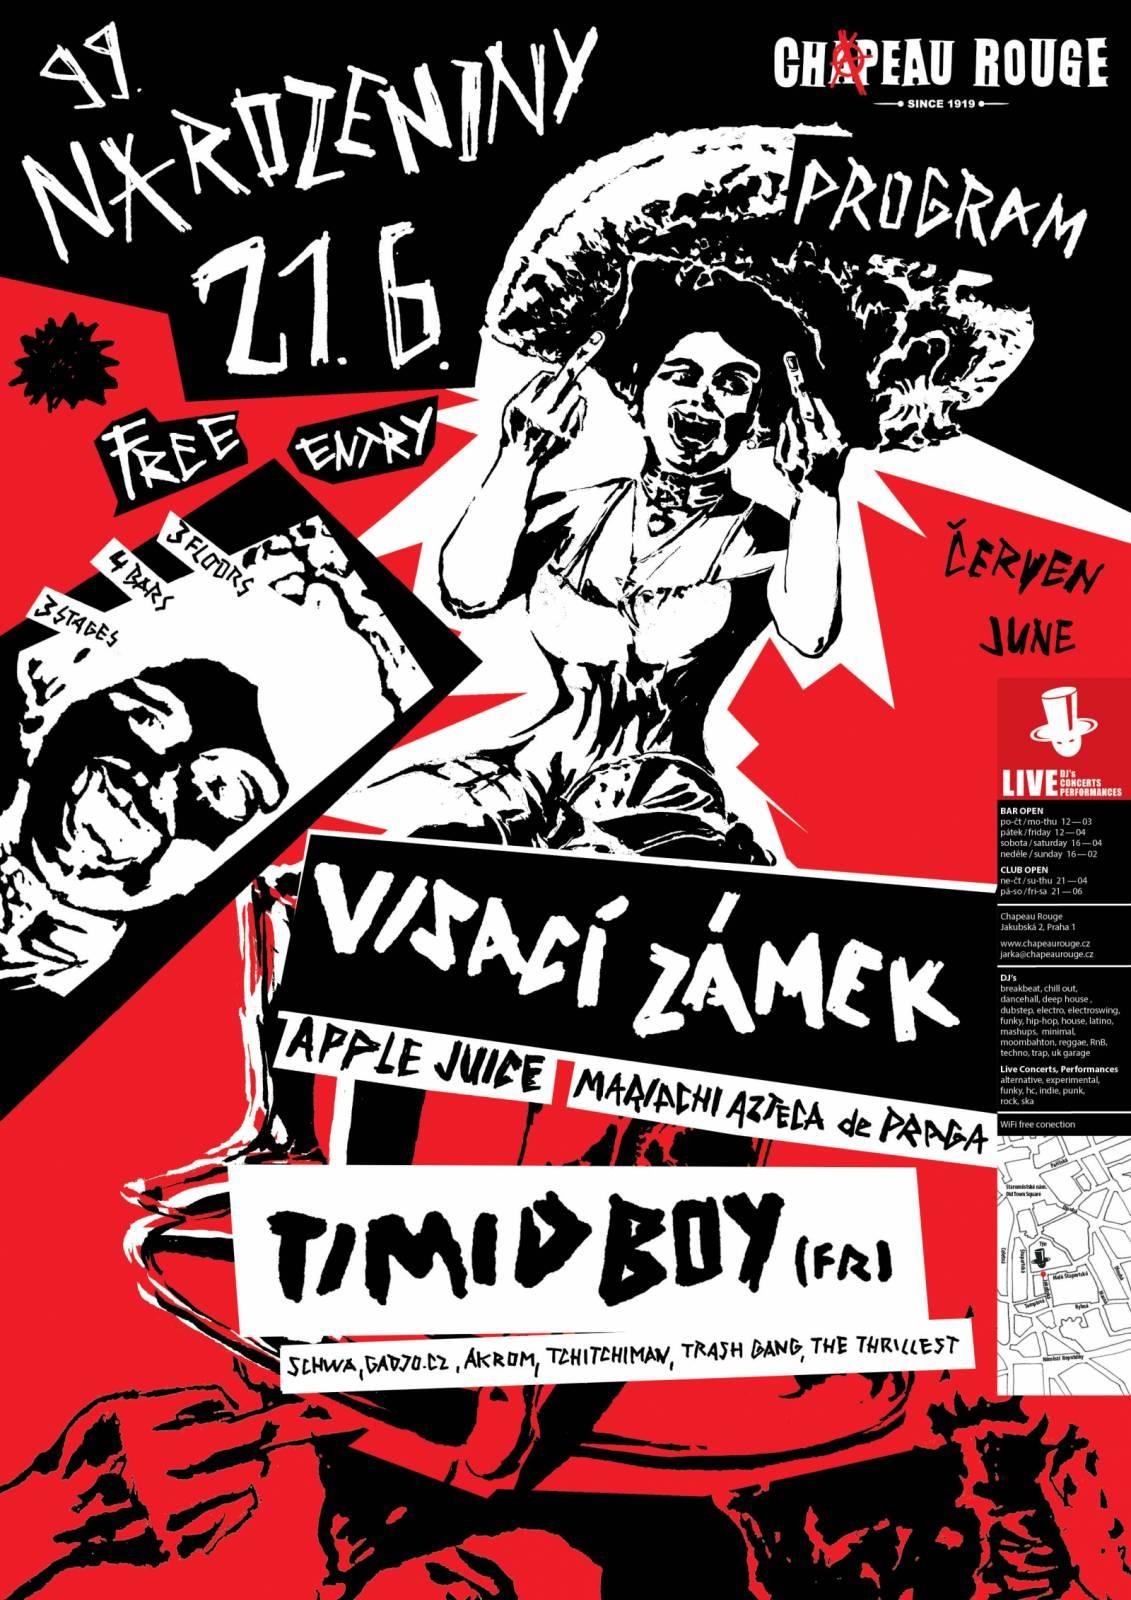 Chapeau Rouge oslaví 99. narozeniny, vystoupí Visací zámek i francouzský DJ Timid Boy